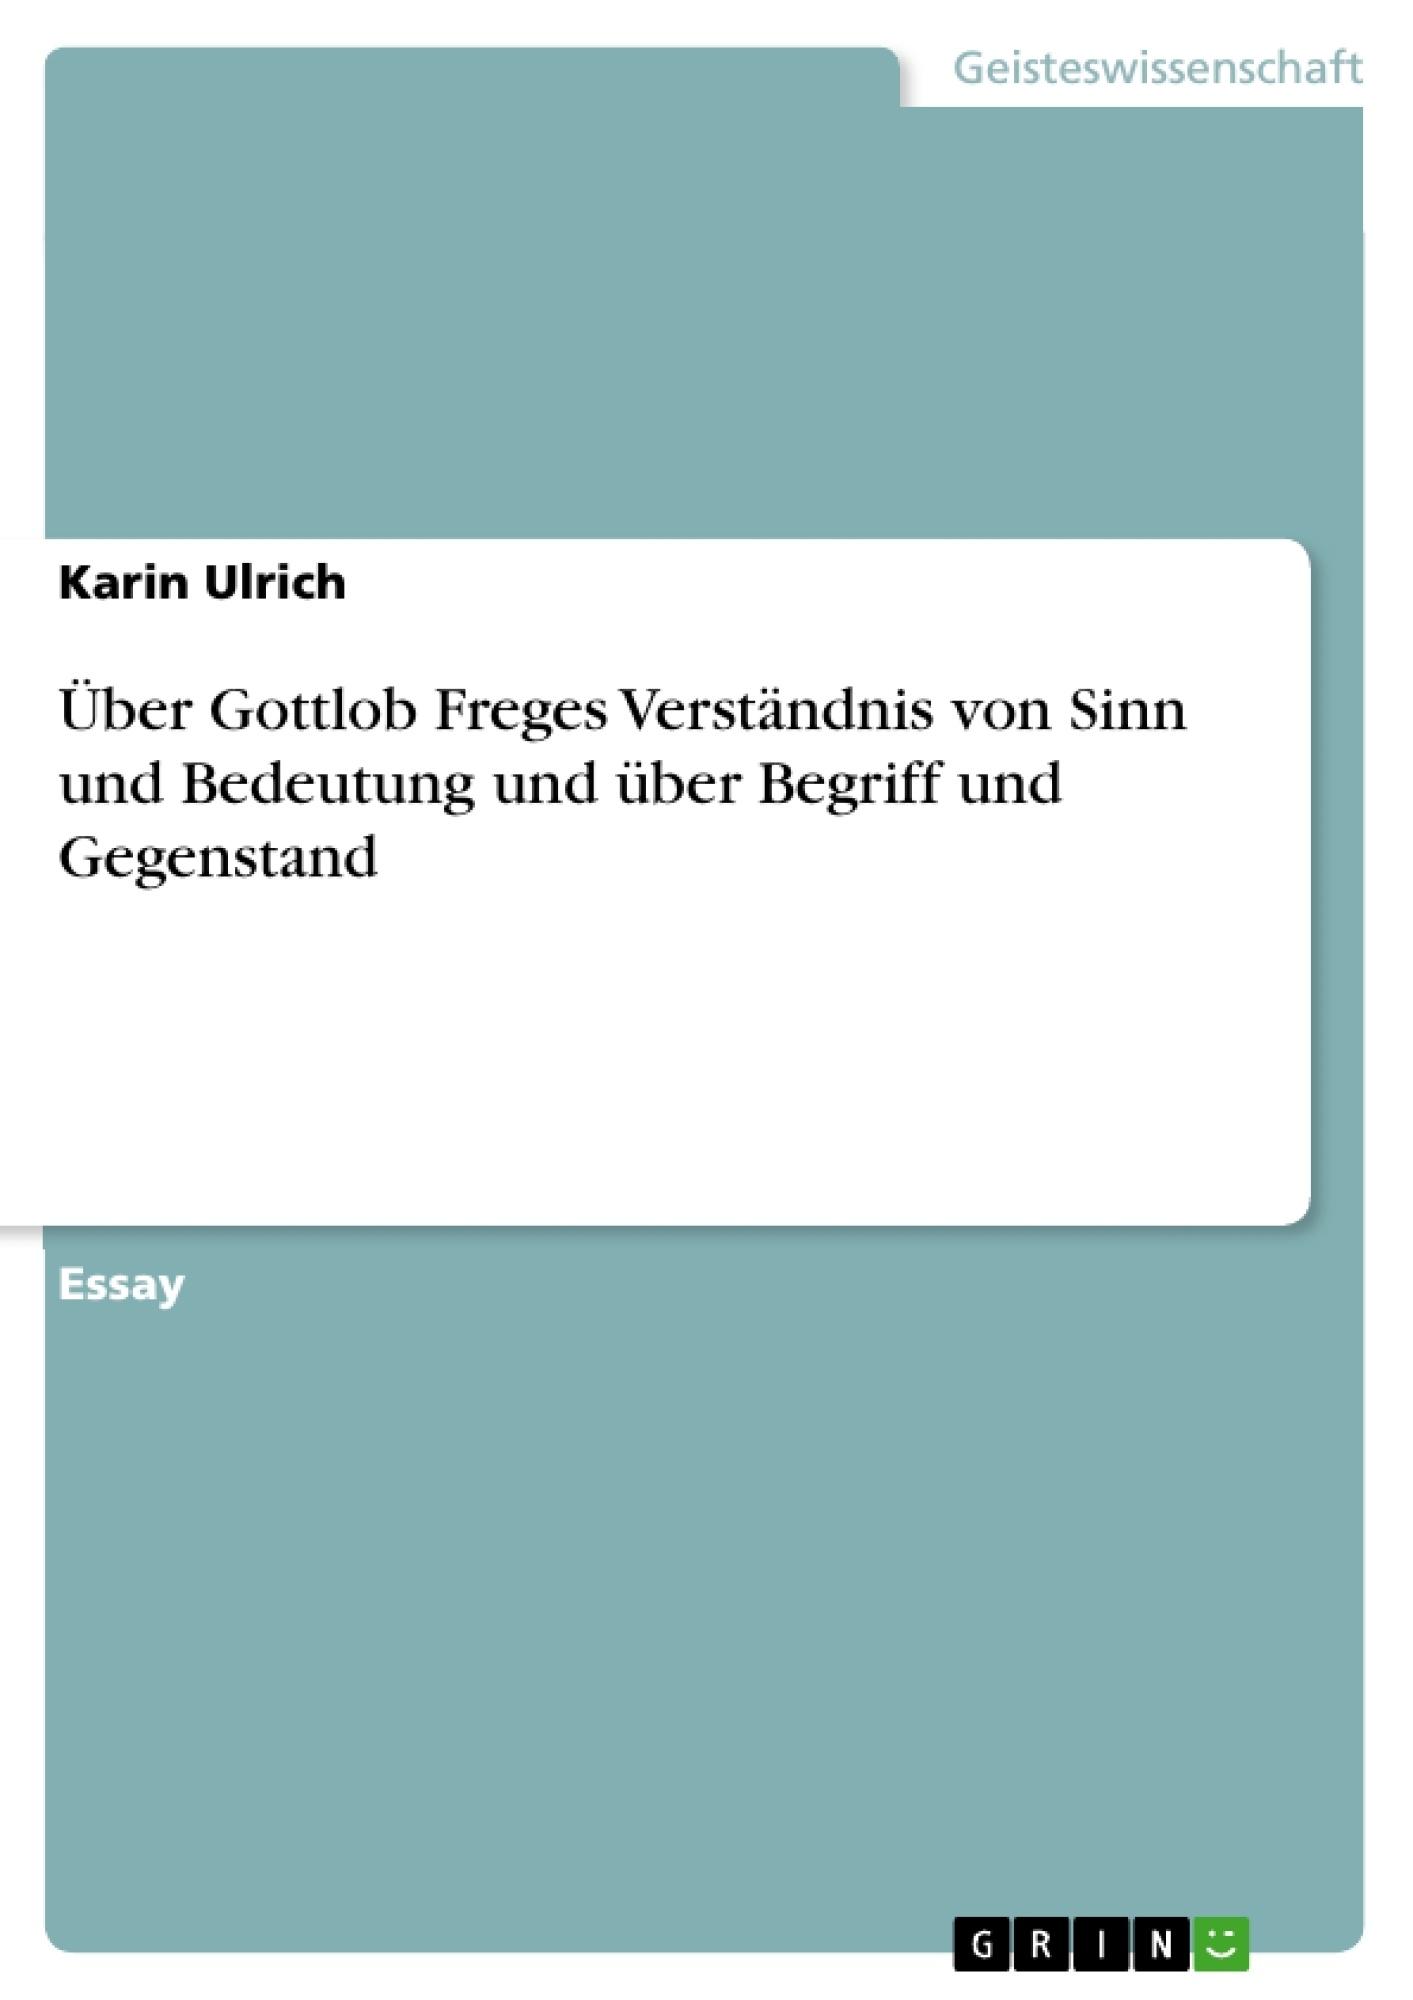 Titel: Über Gottlob Freges Verständnis von  Sinn und Bedeutung und über Begriff und Gegenstand